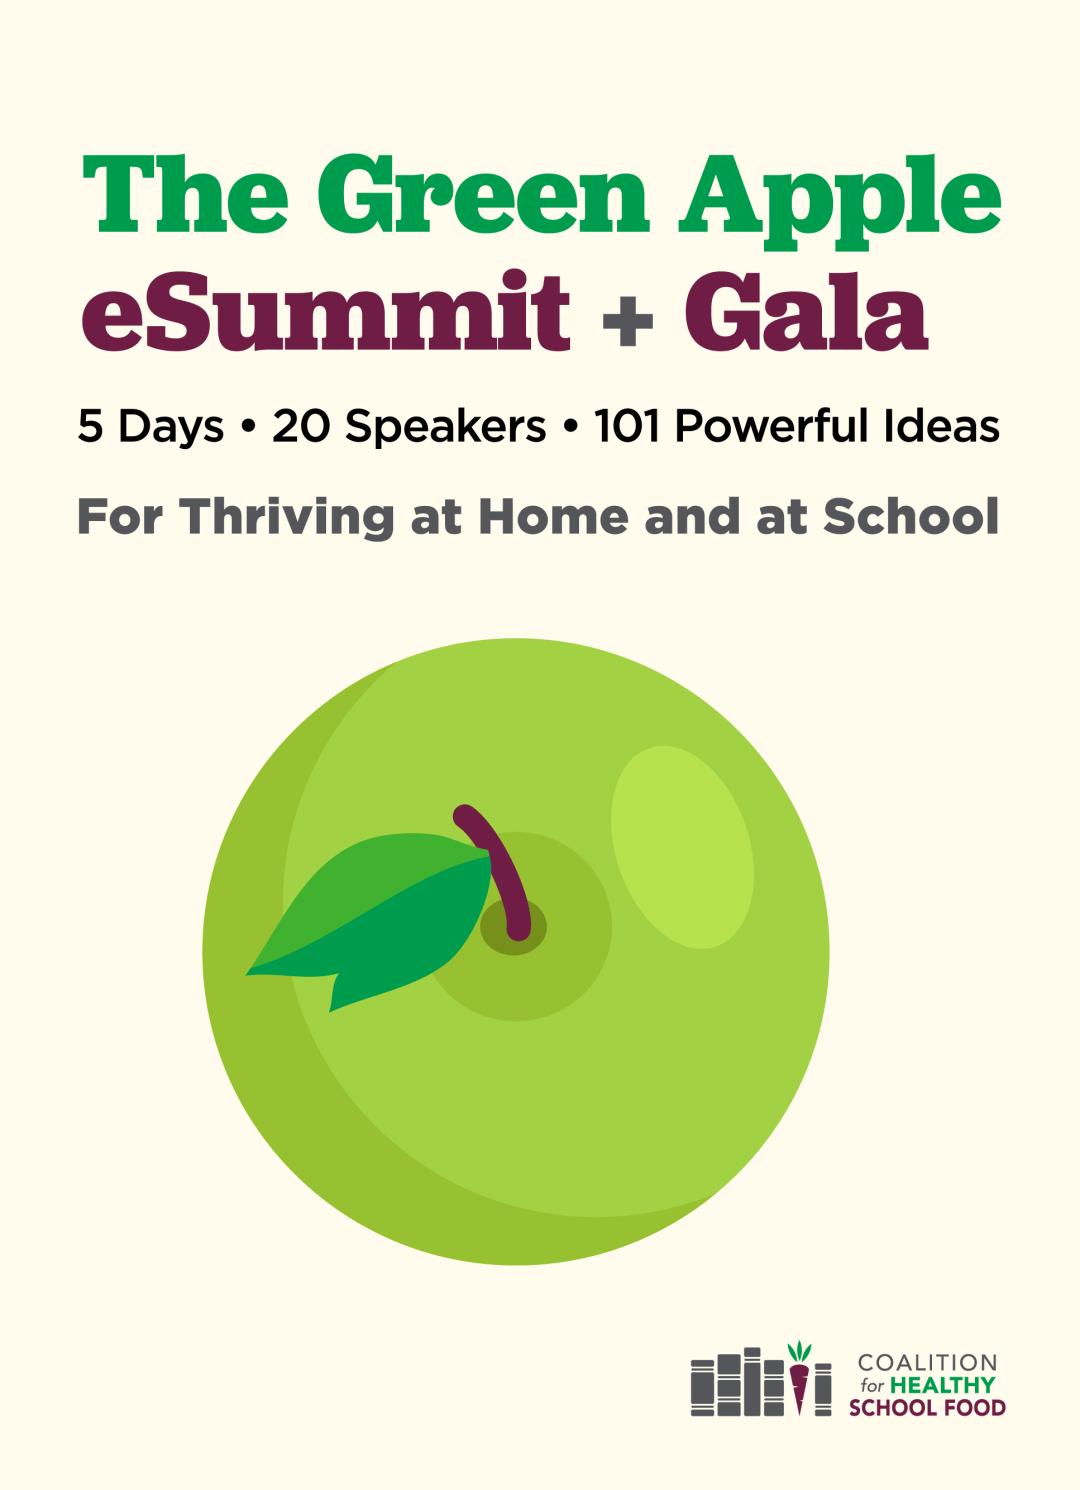 Green Apple eSummit + Gala logo